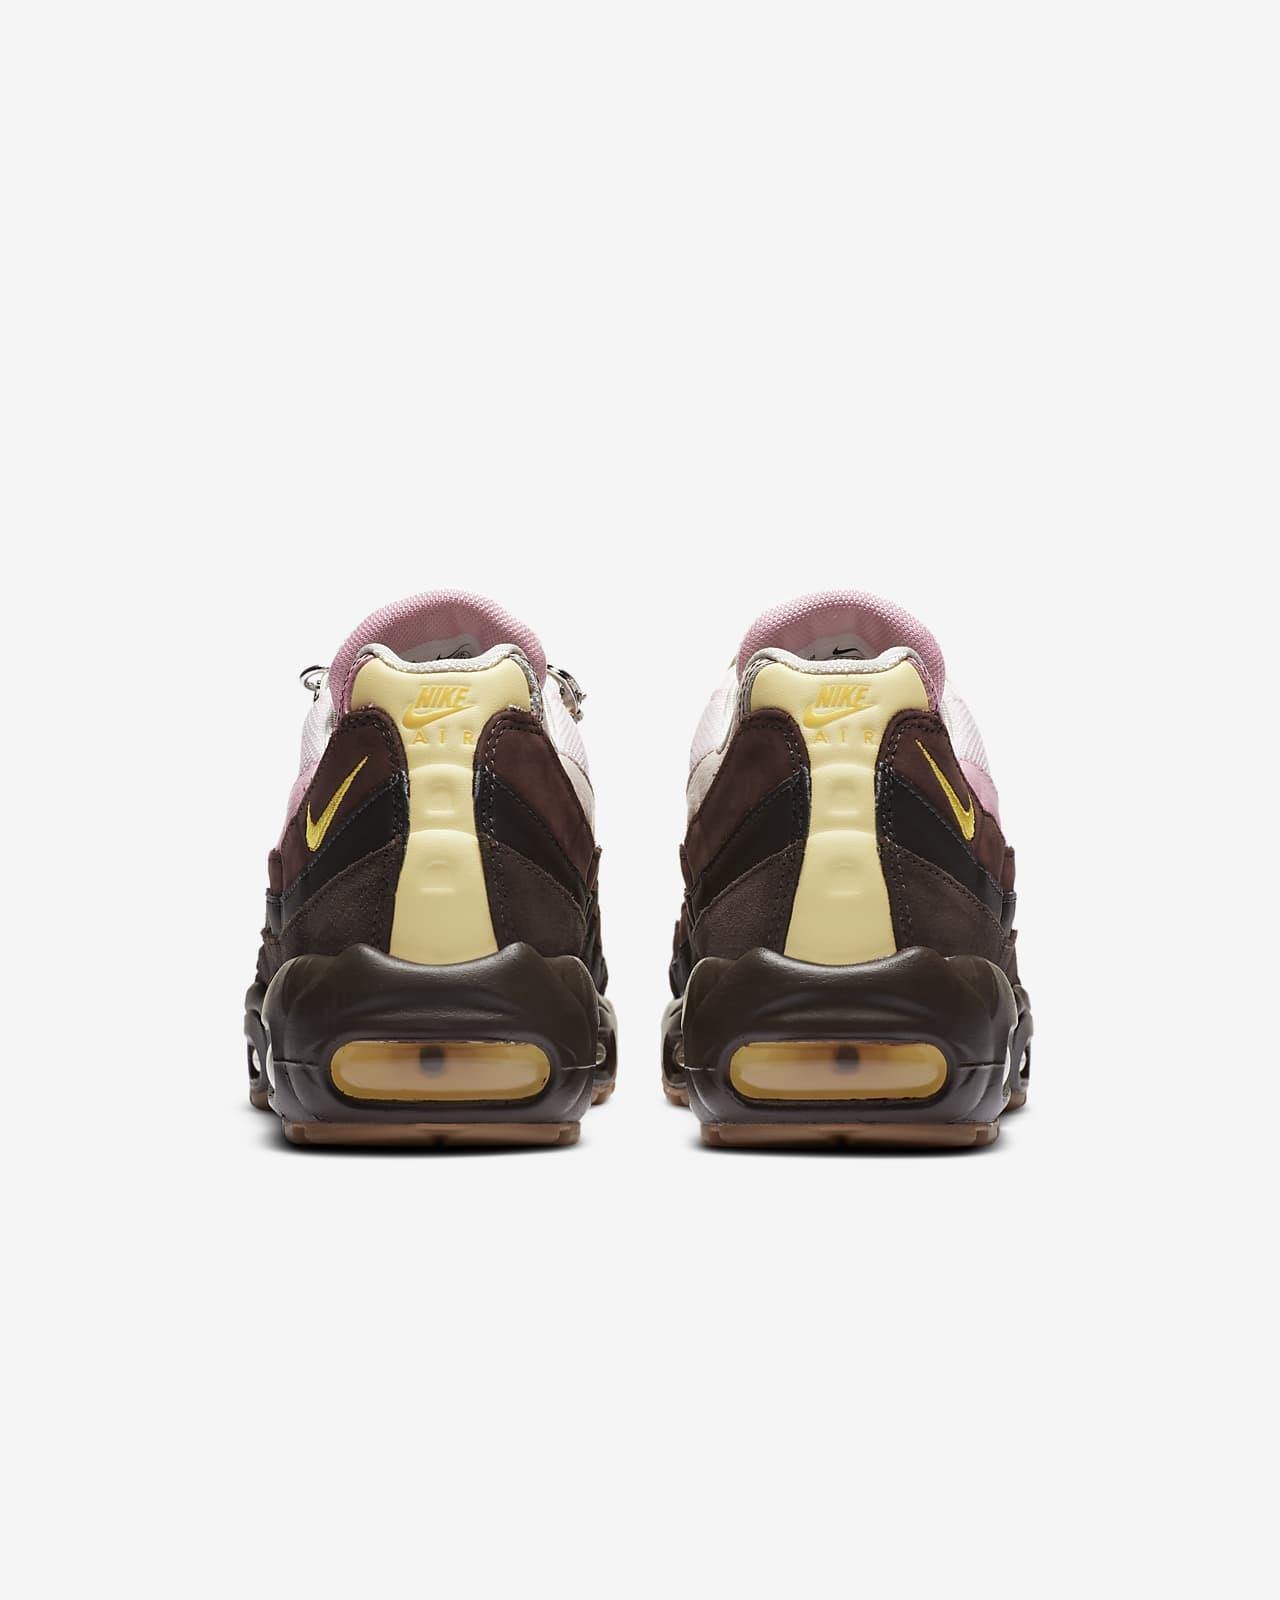 chaussures nike air max 95